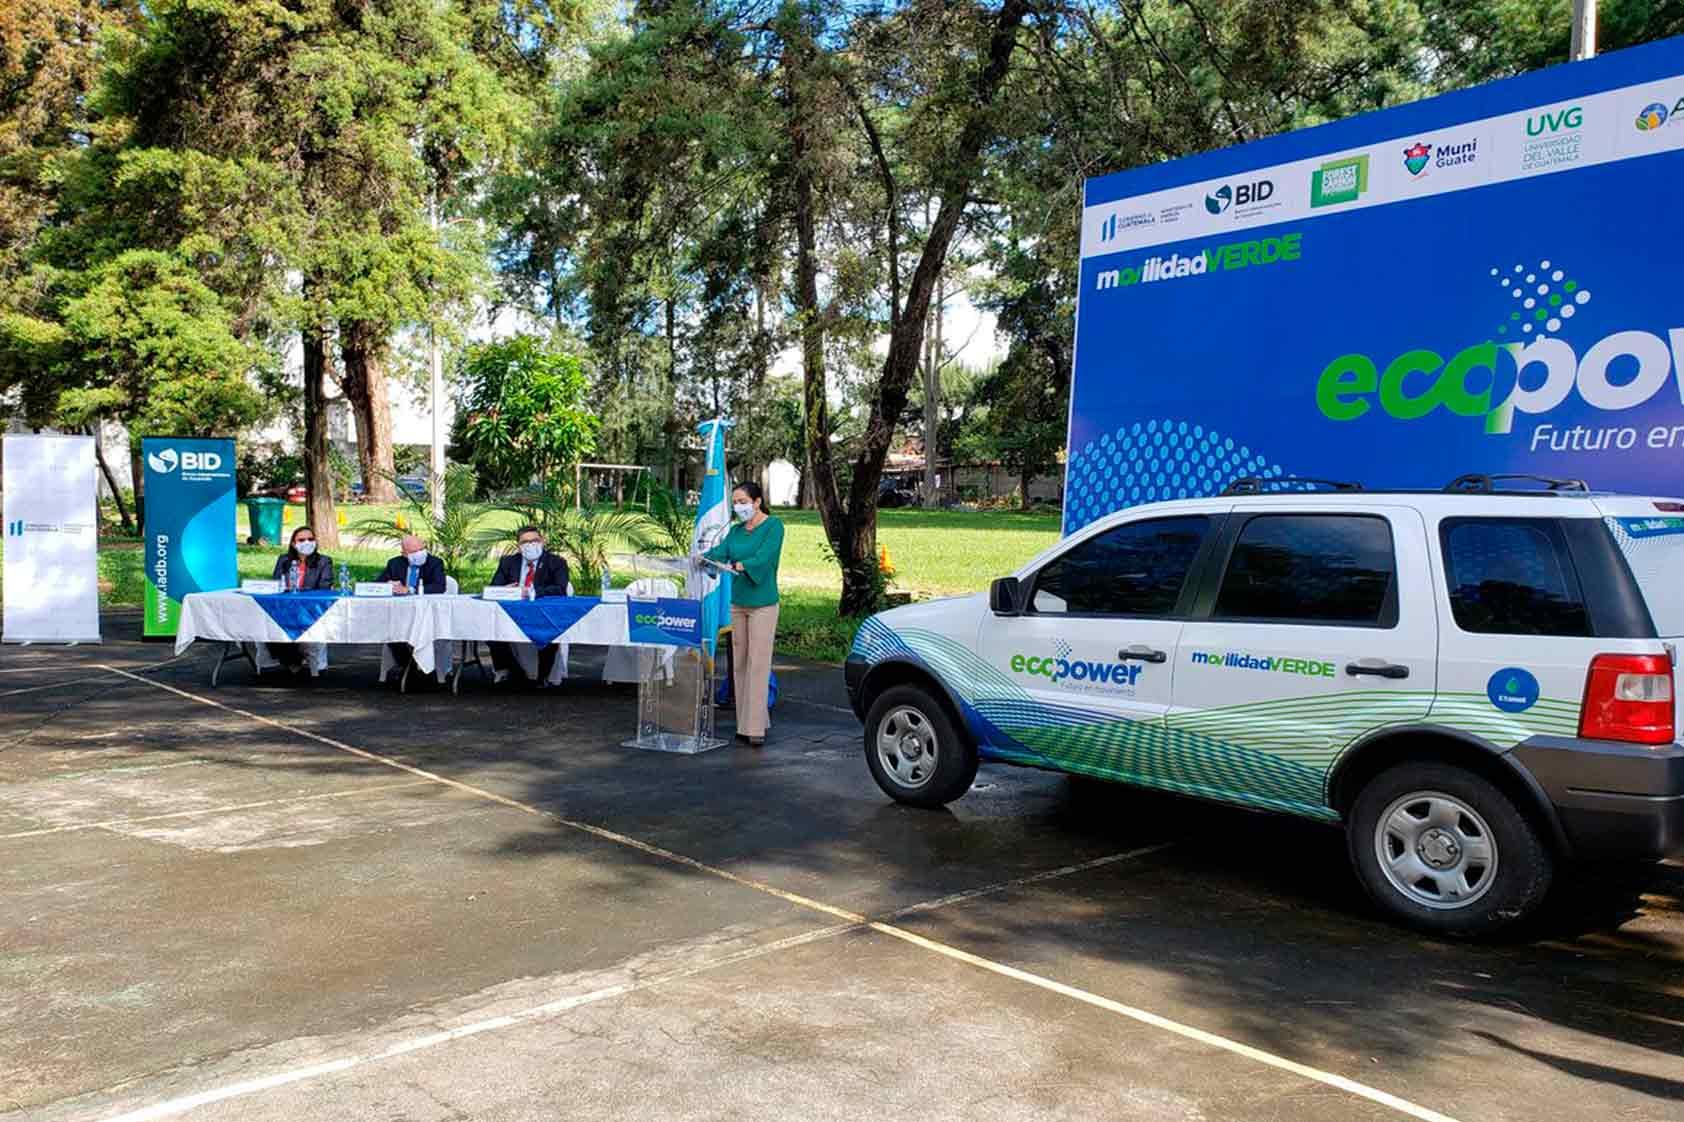 Movilidad verde: un paso a utilizar combustibles renovables